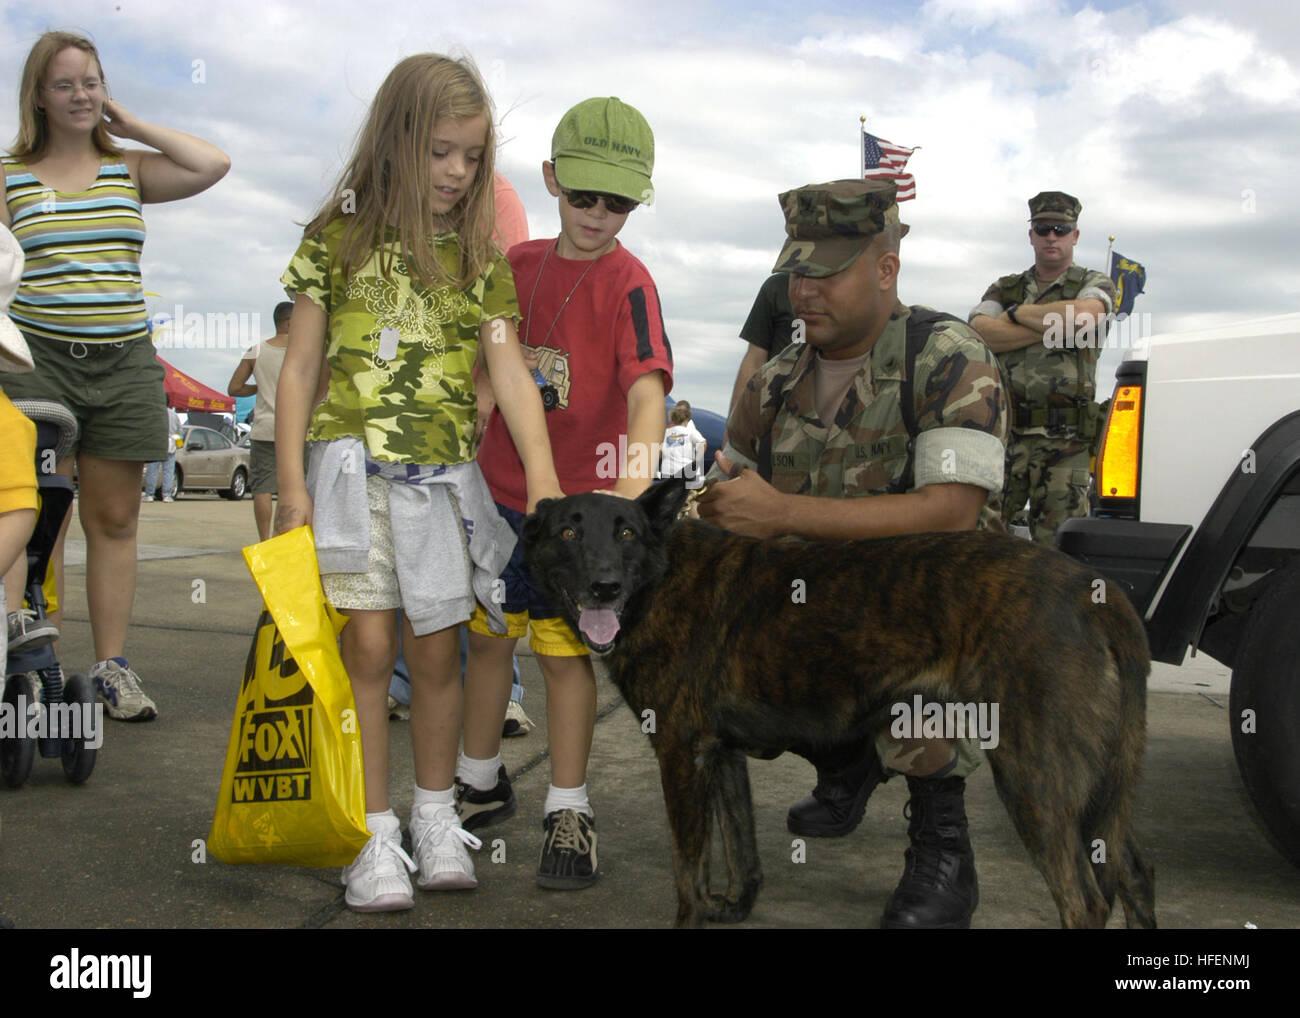 030907-N-5783F-086 Naval Air Station Oceana, Virginia Beach, Va. (Sep. 7, 2003) -- Children admire ÒTara,Ó a working Stock Photo